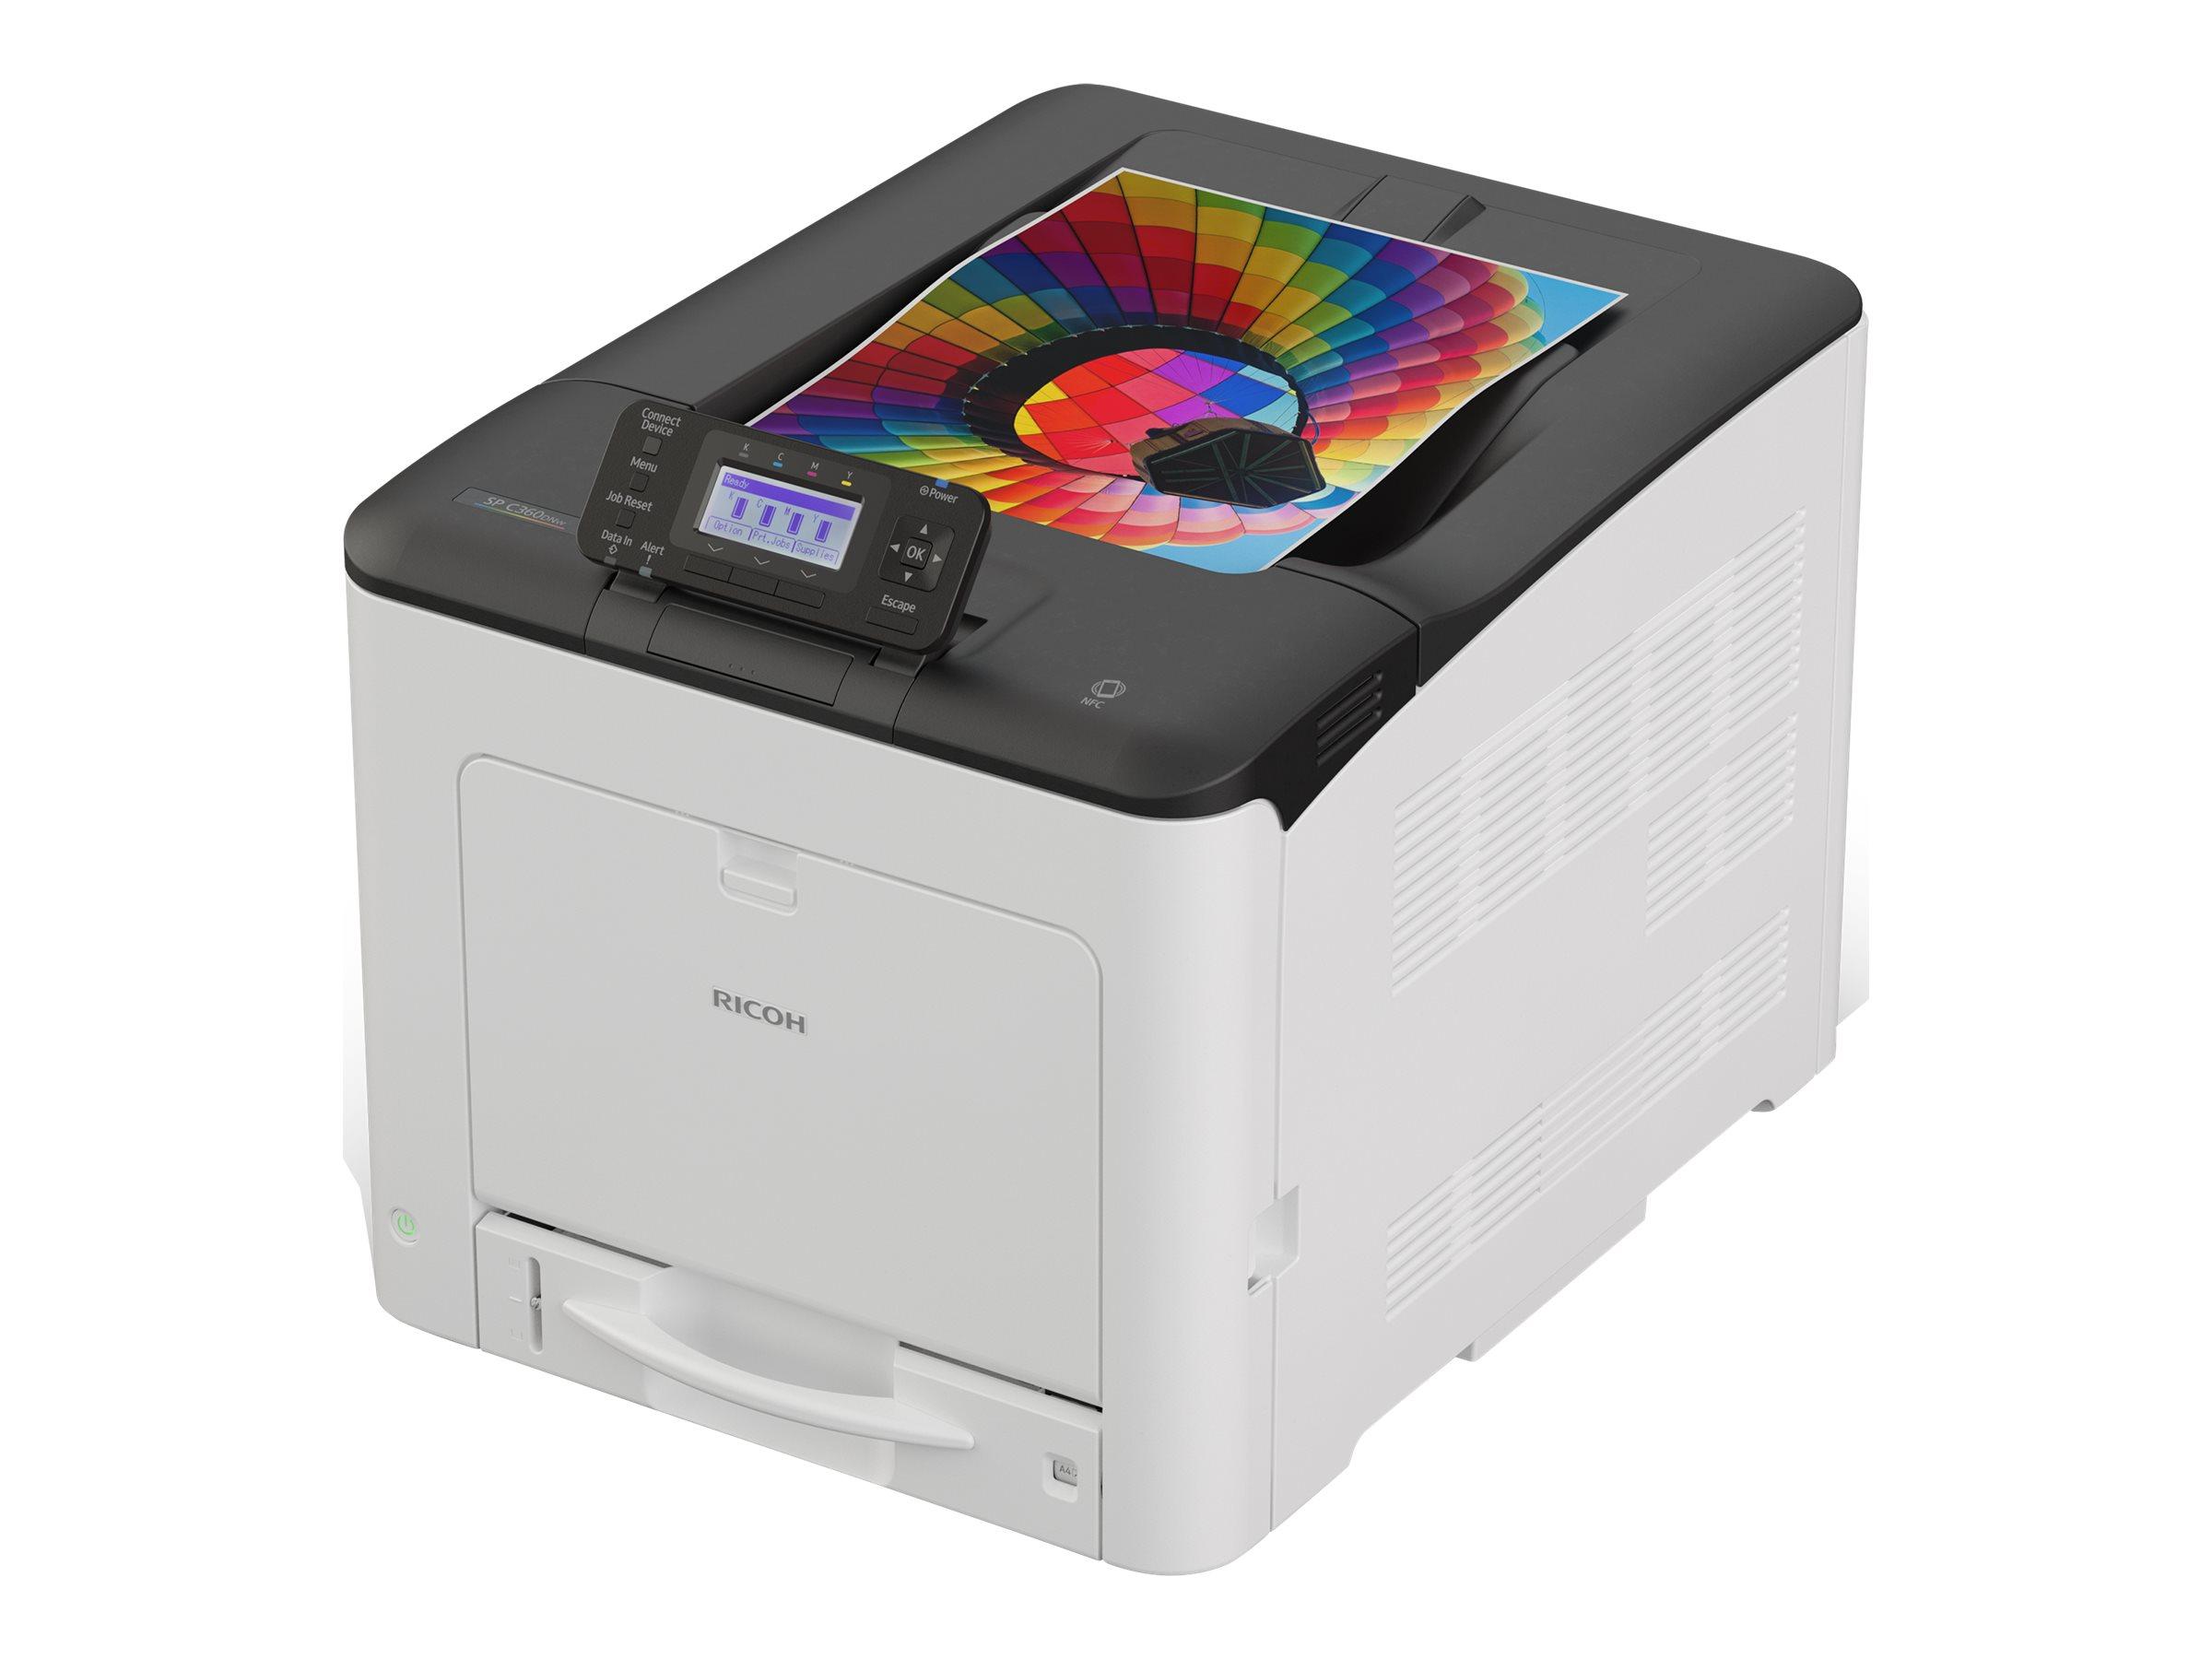 Ricoh SP C360DNw - Drucker - Farbe - Duplex - LED - A4 - 2400 x 600 dpi - bis zu 30 Seiten/Min. (einfarbig)/